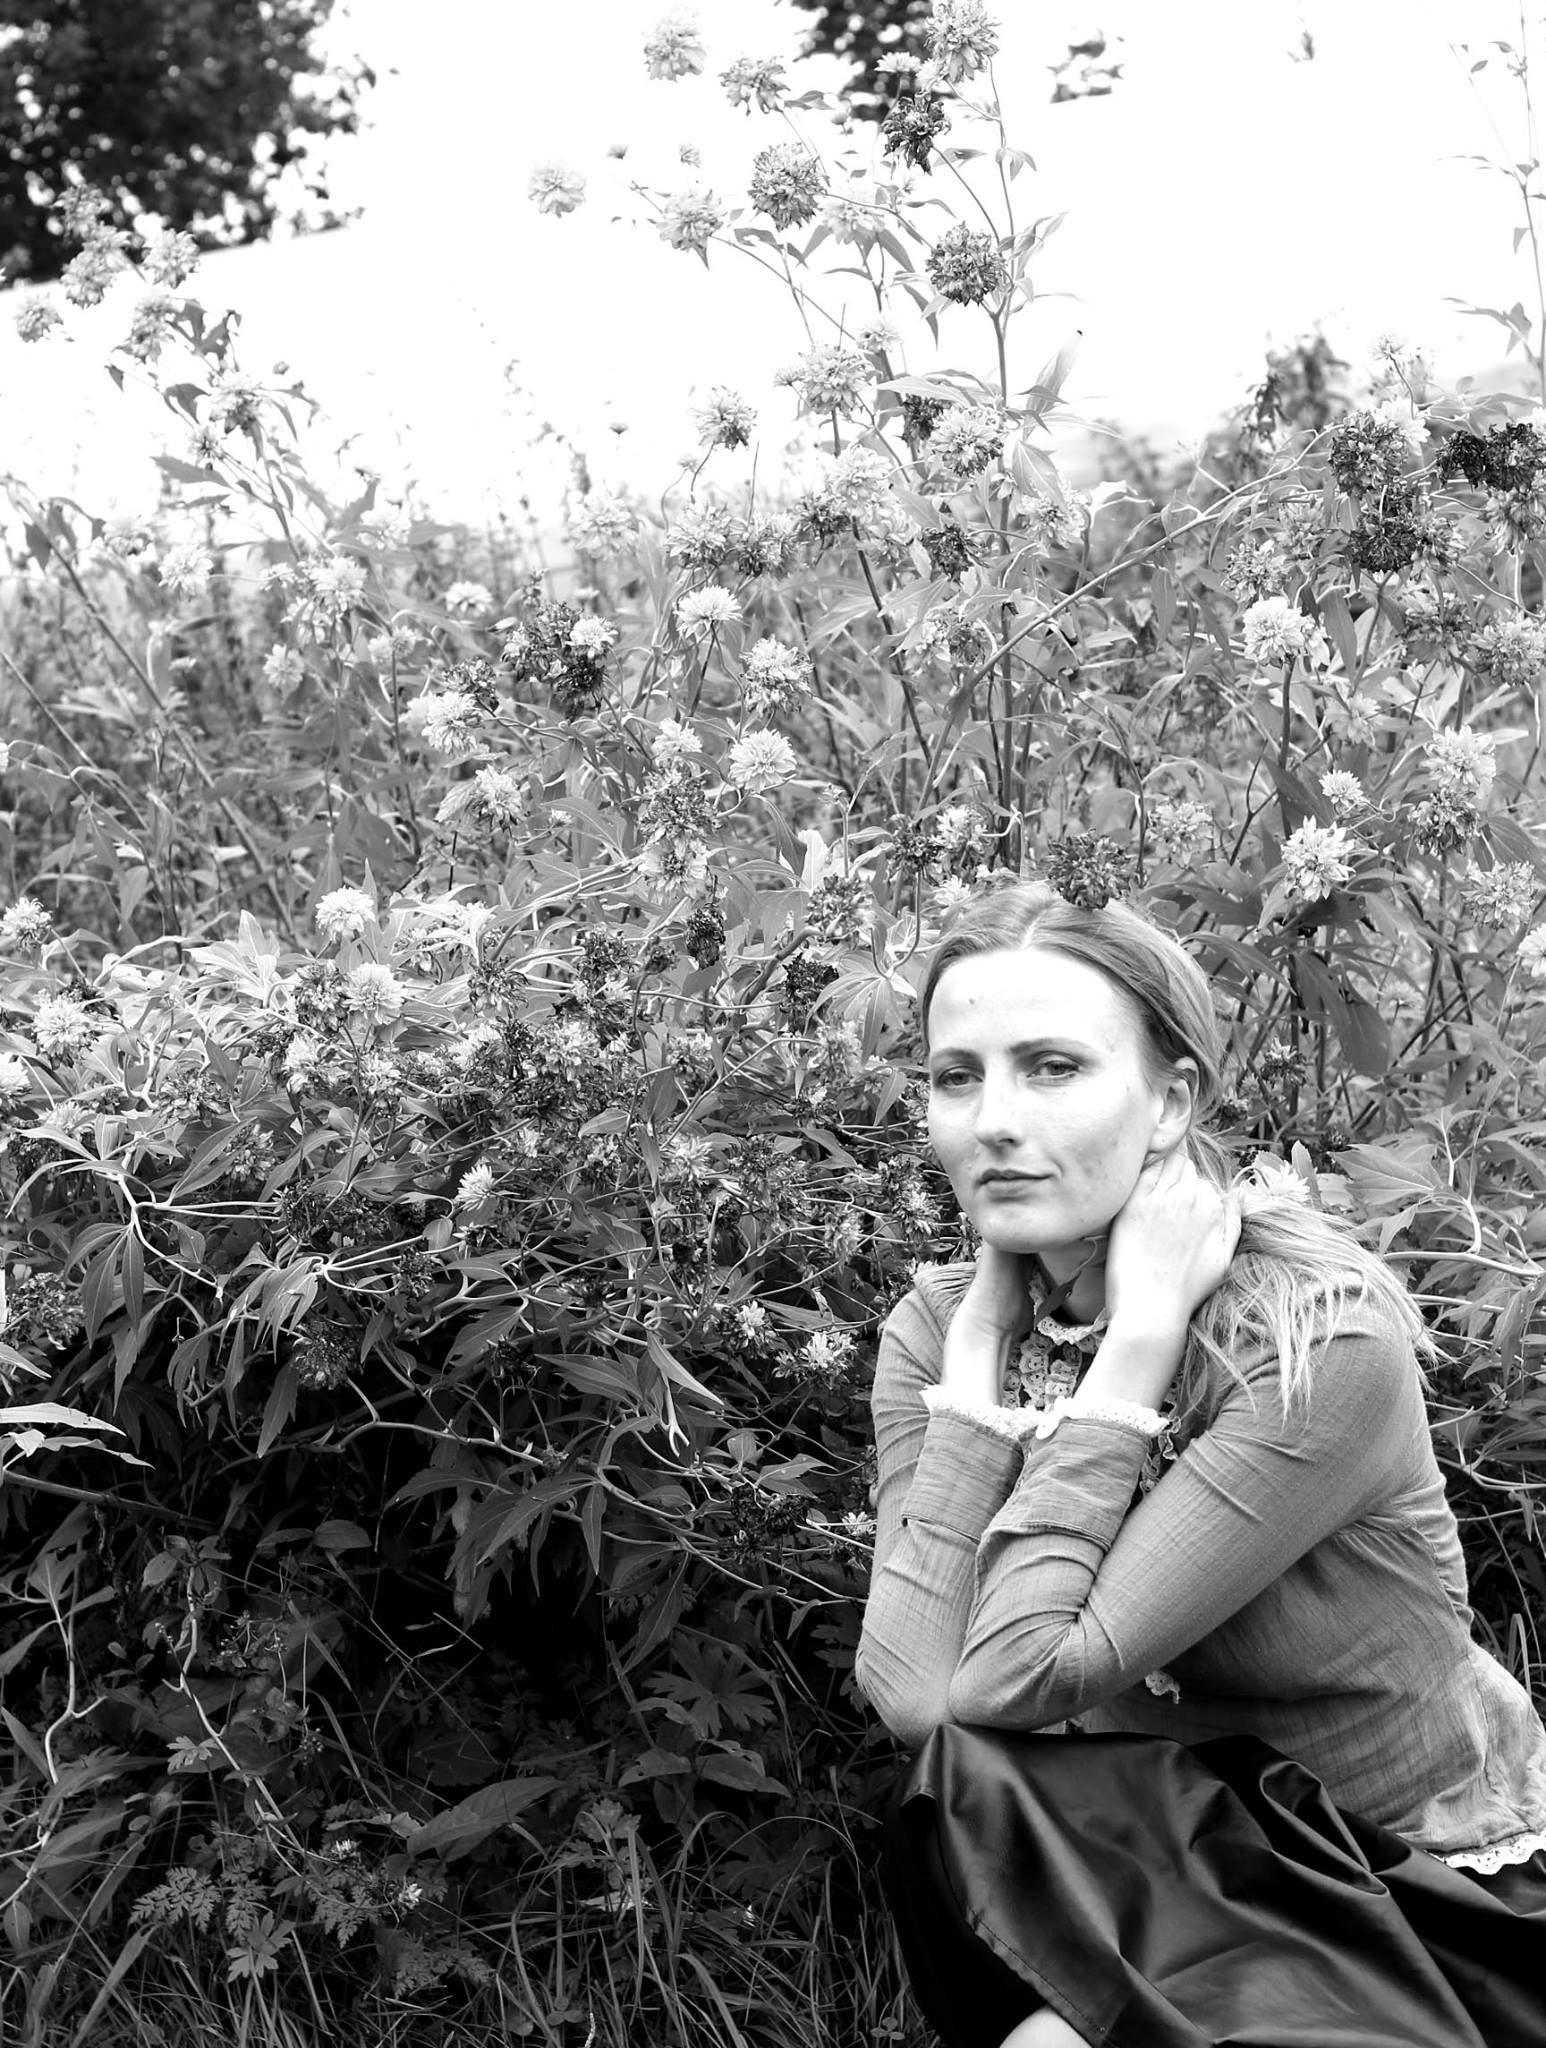 Aurelija Kairytė-Smolianskienė